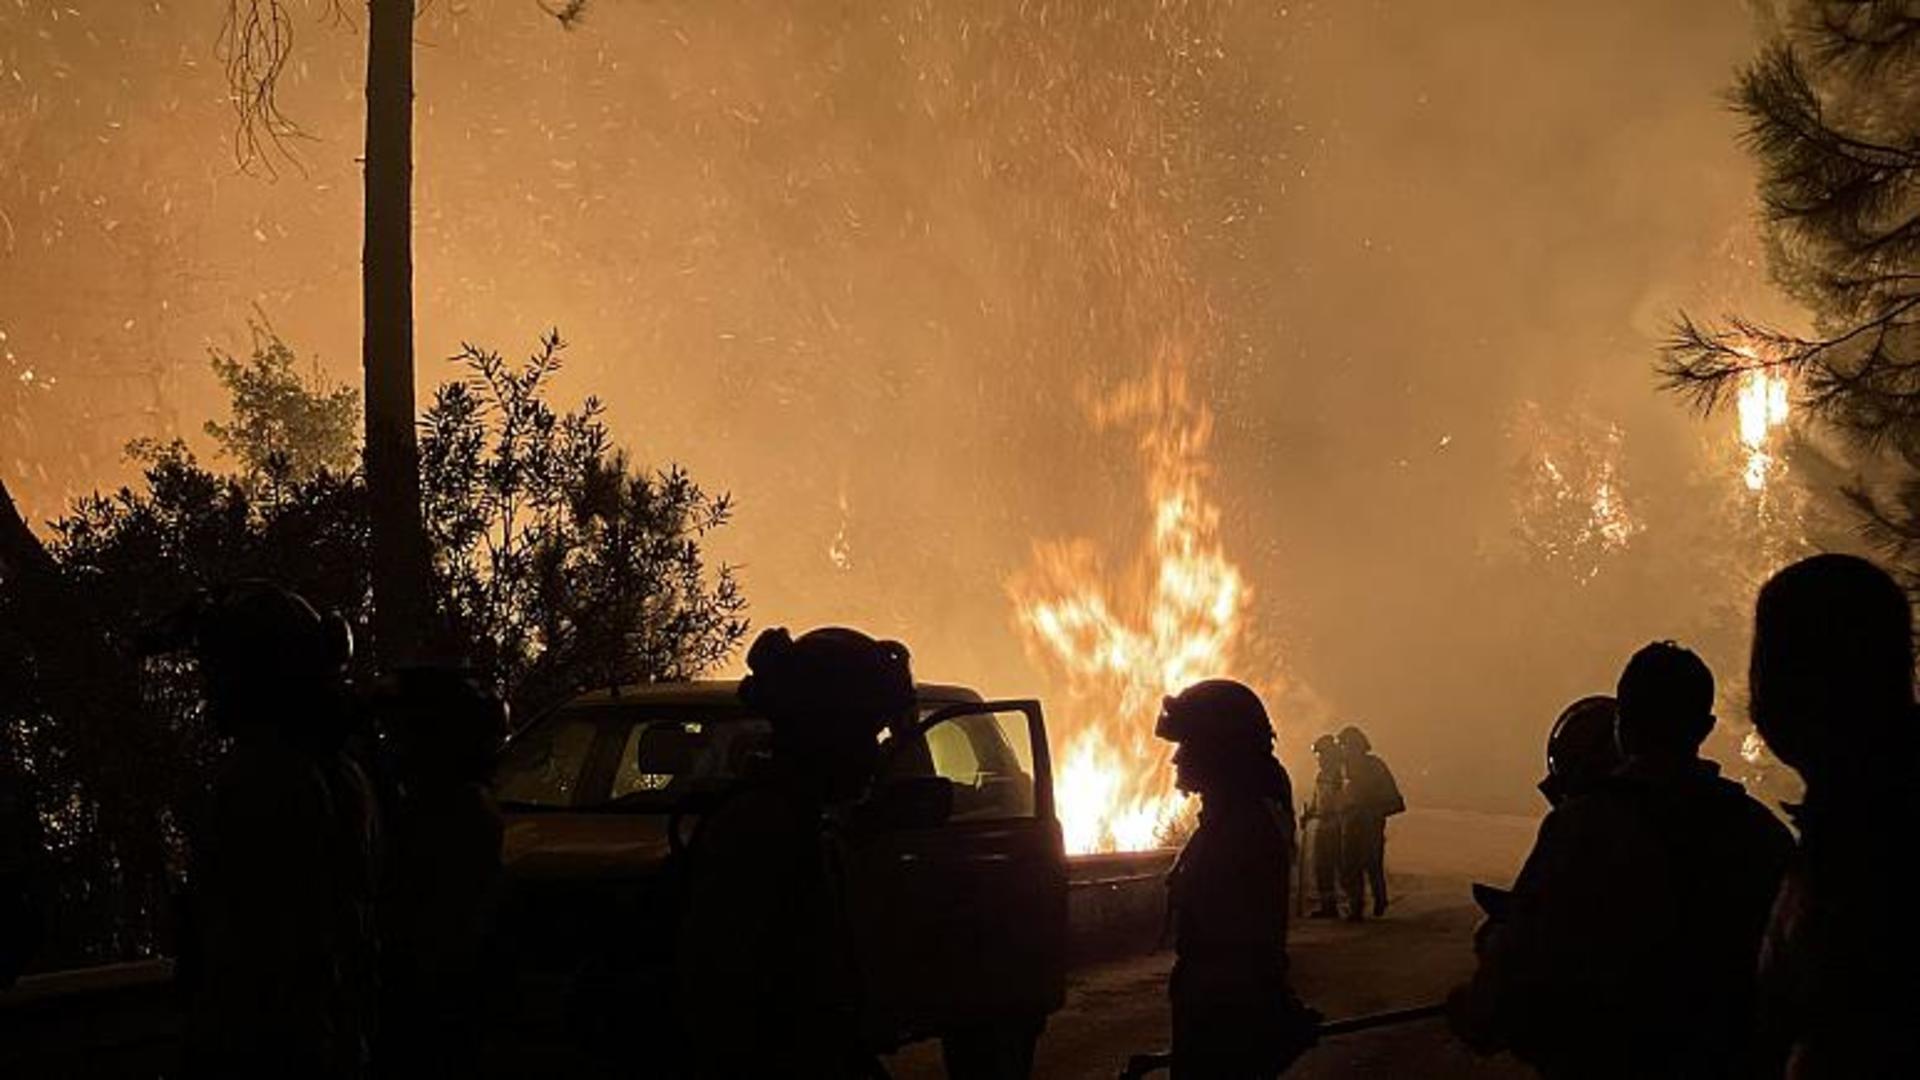 Incendiu de vegetaţie în sudul Spaniei